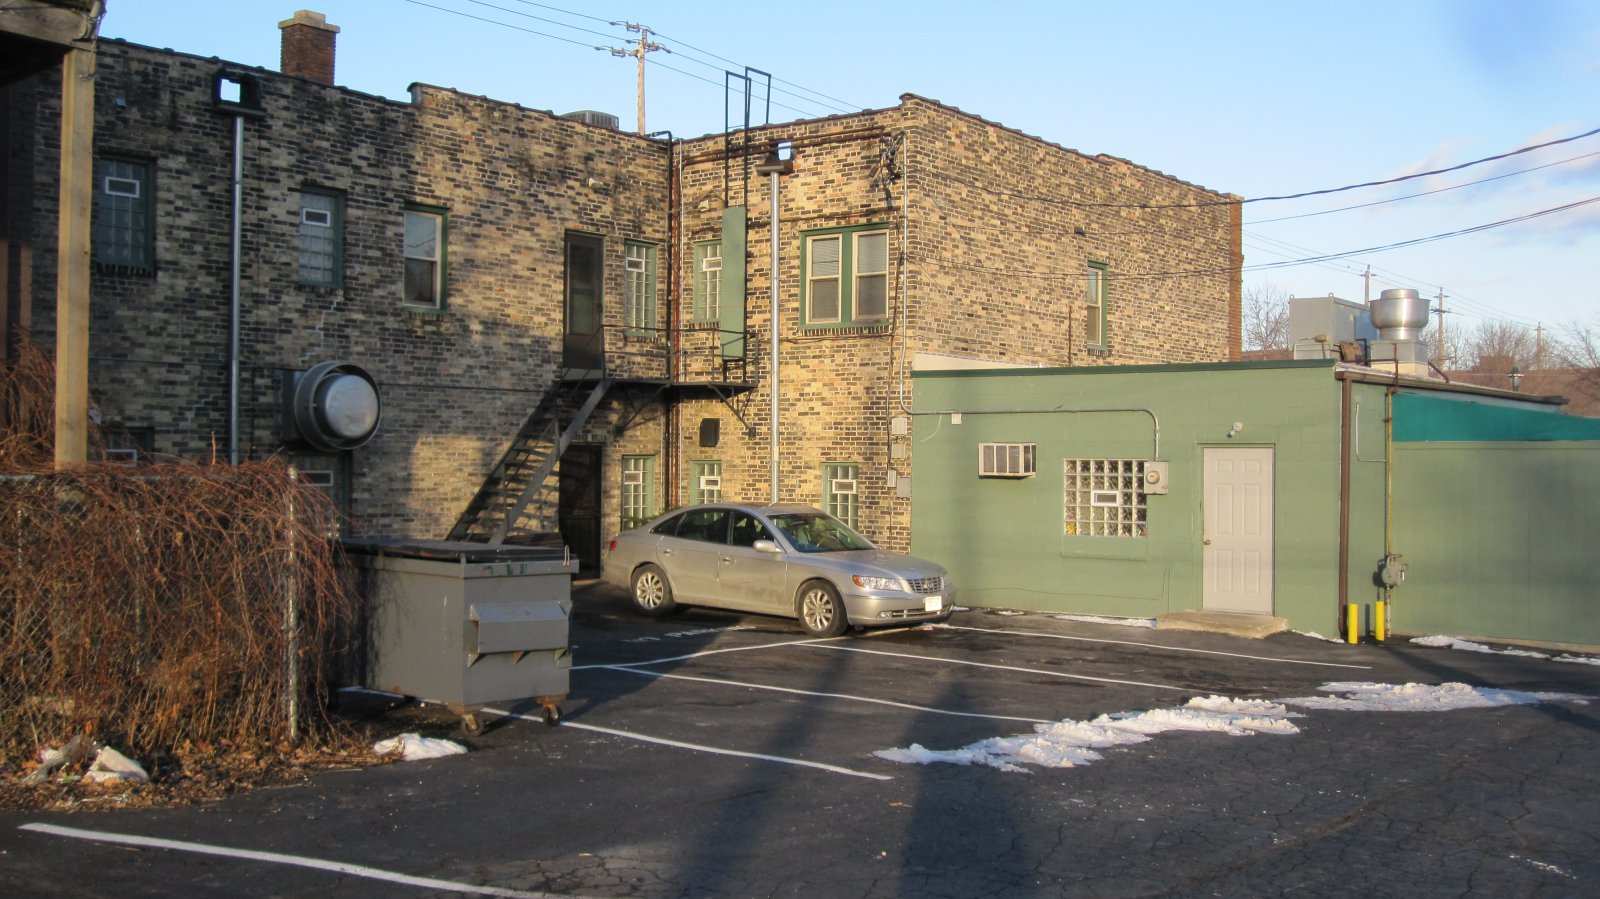 Caroline's Jazz Club parking lot